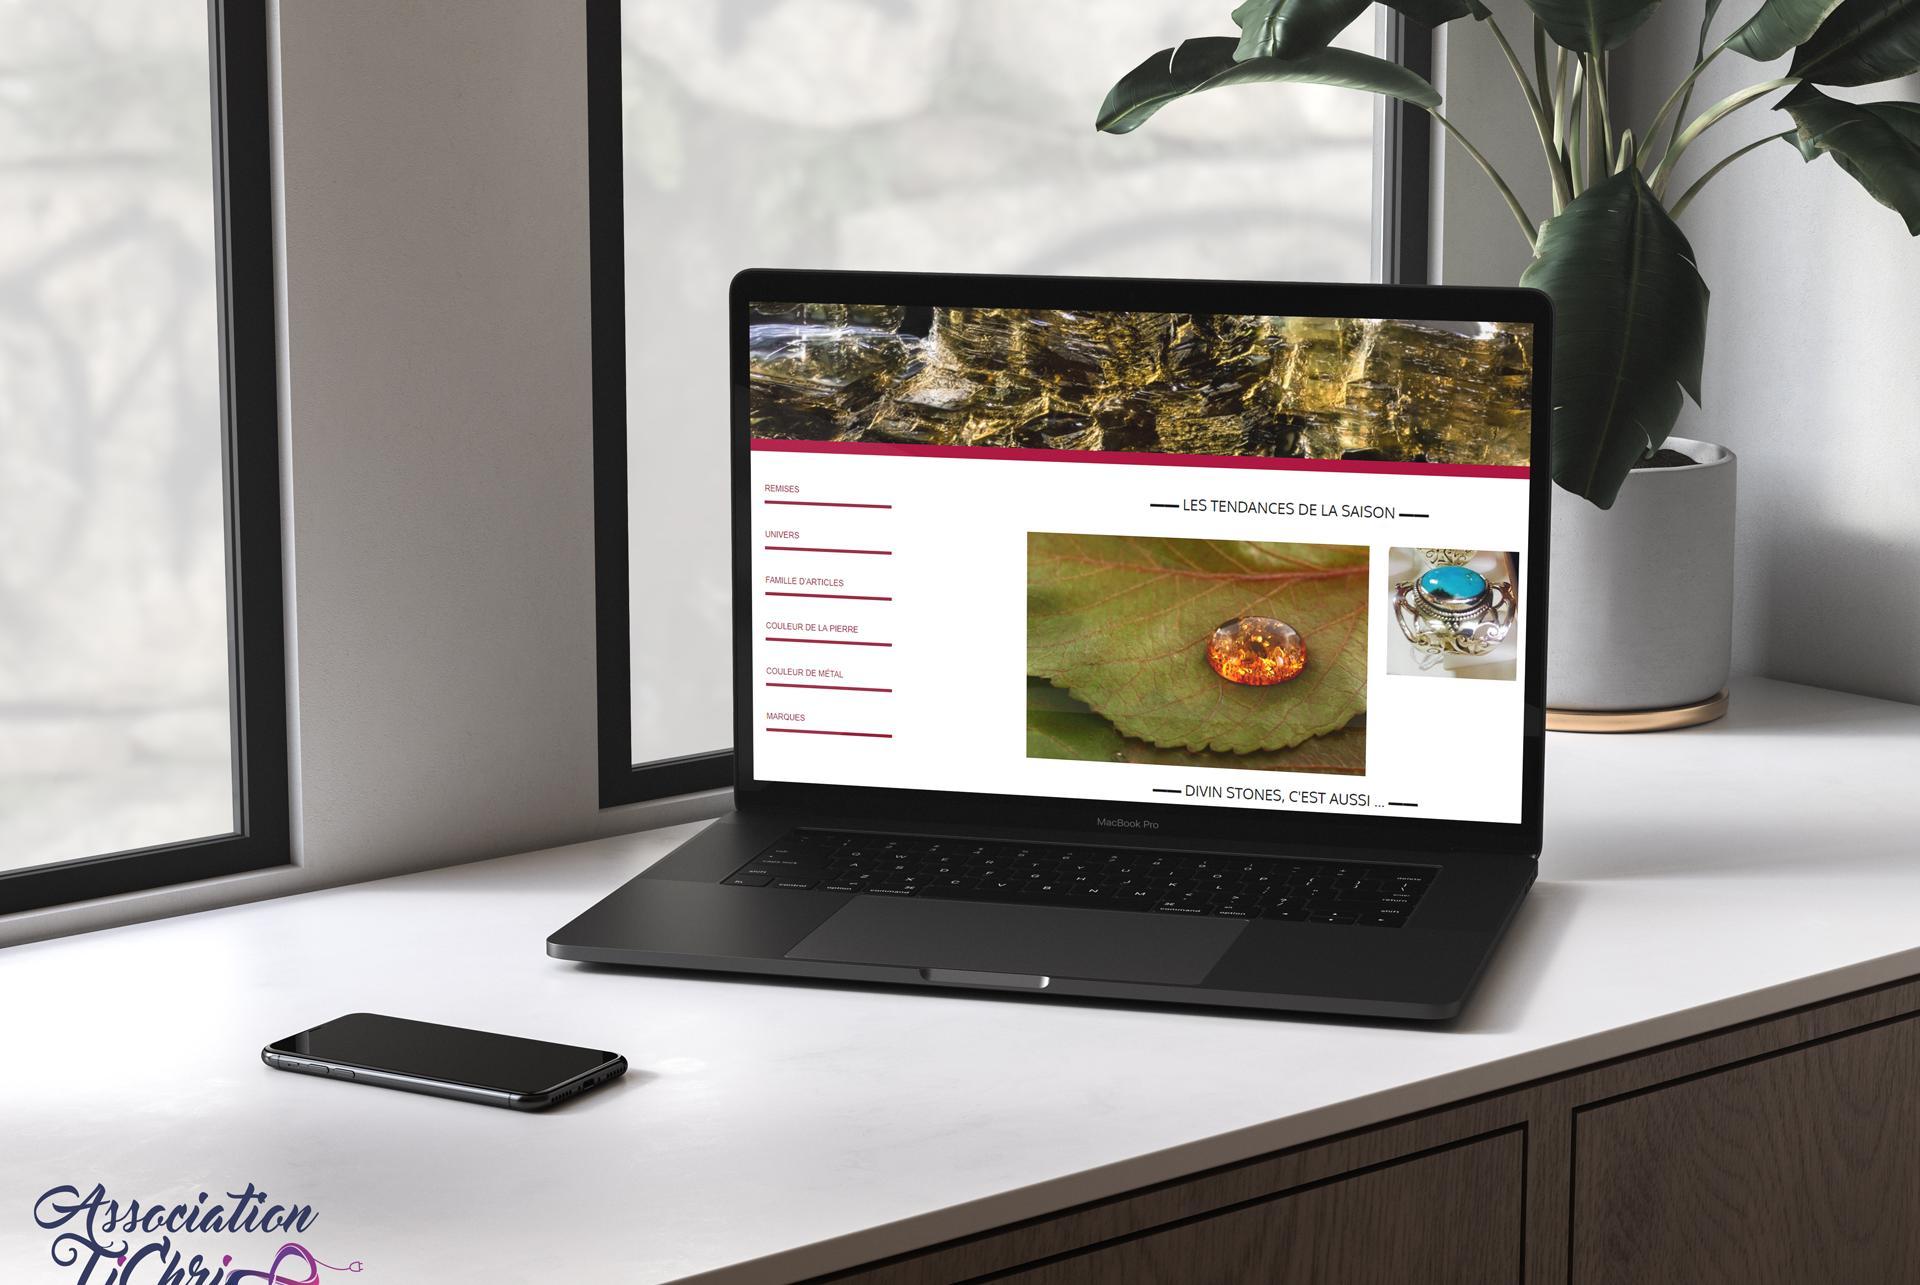 Site web divinstones